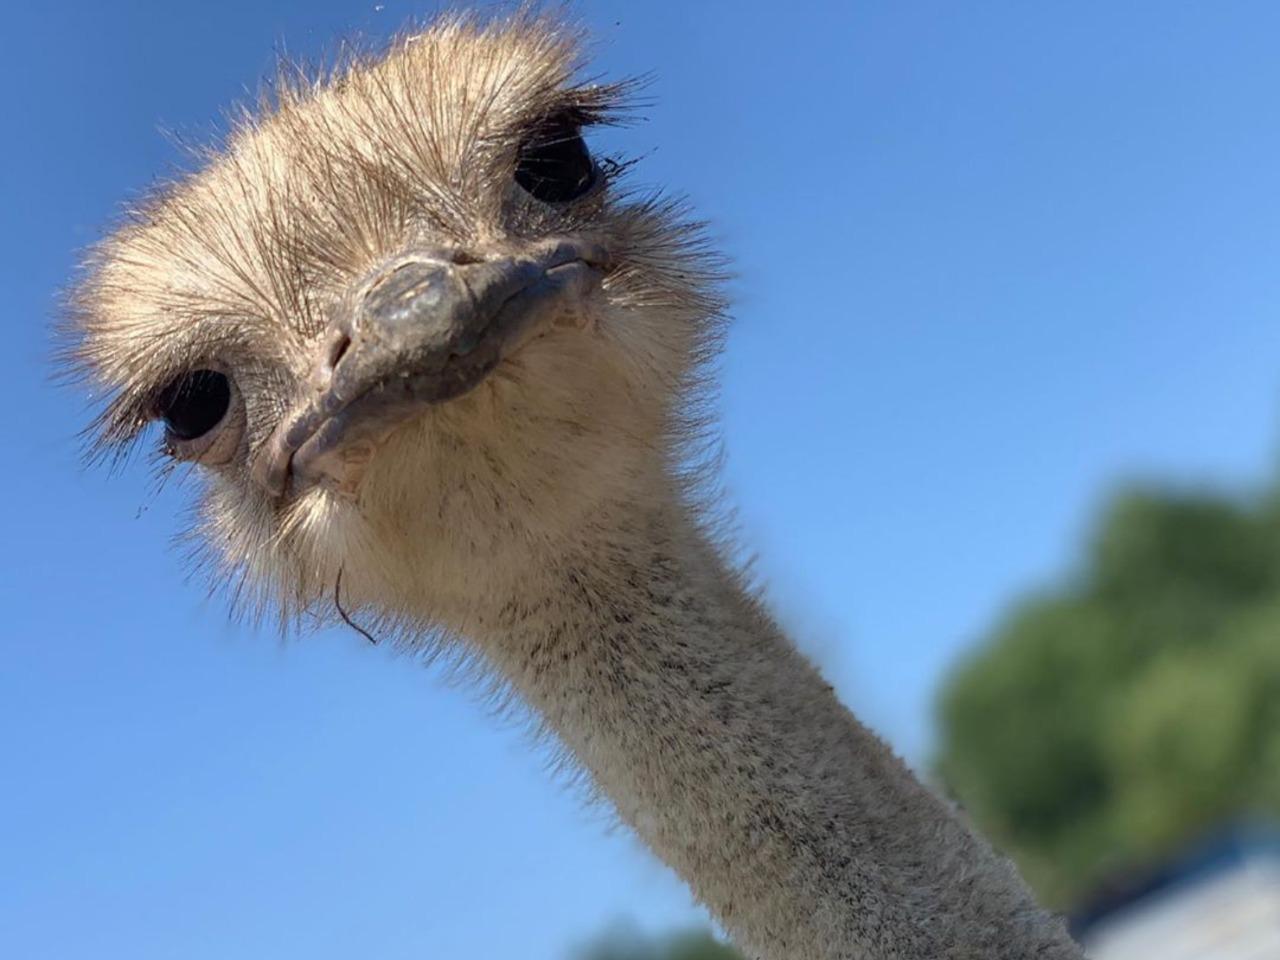 Страусовая ферма и контактный зоопарк - индивидуальная экскурсия в Анапе от опытного гида